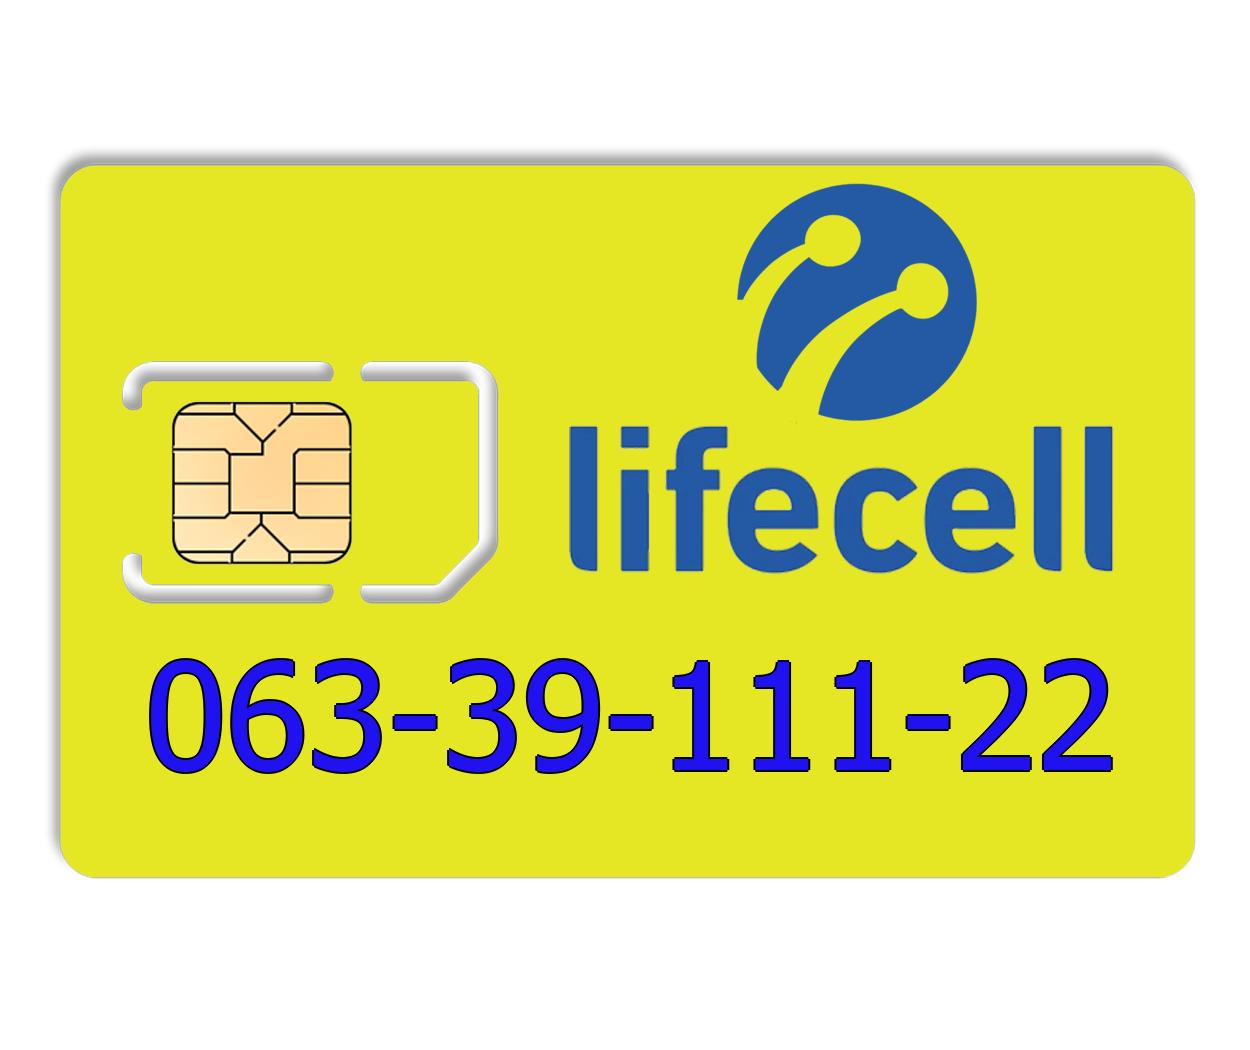 Красивый номер lifecell 063-39-111-22